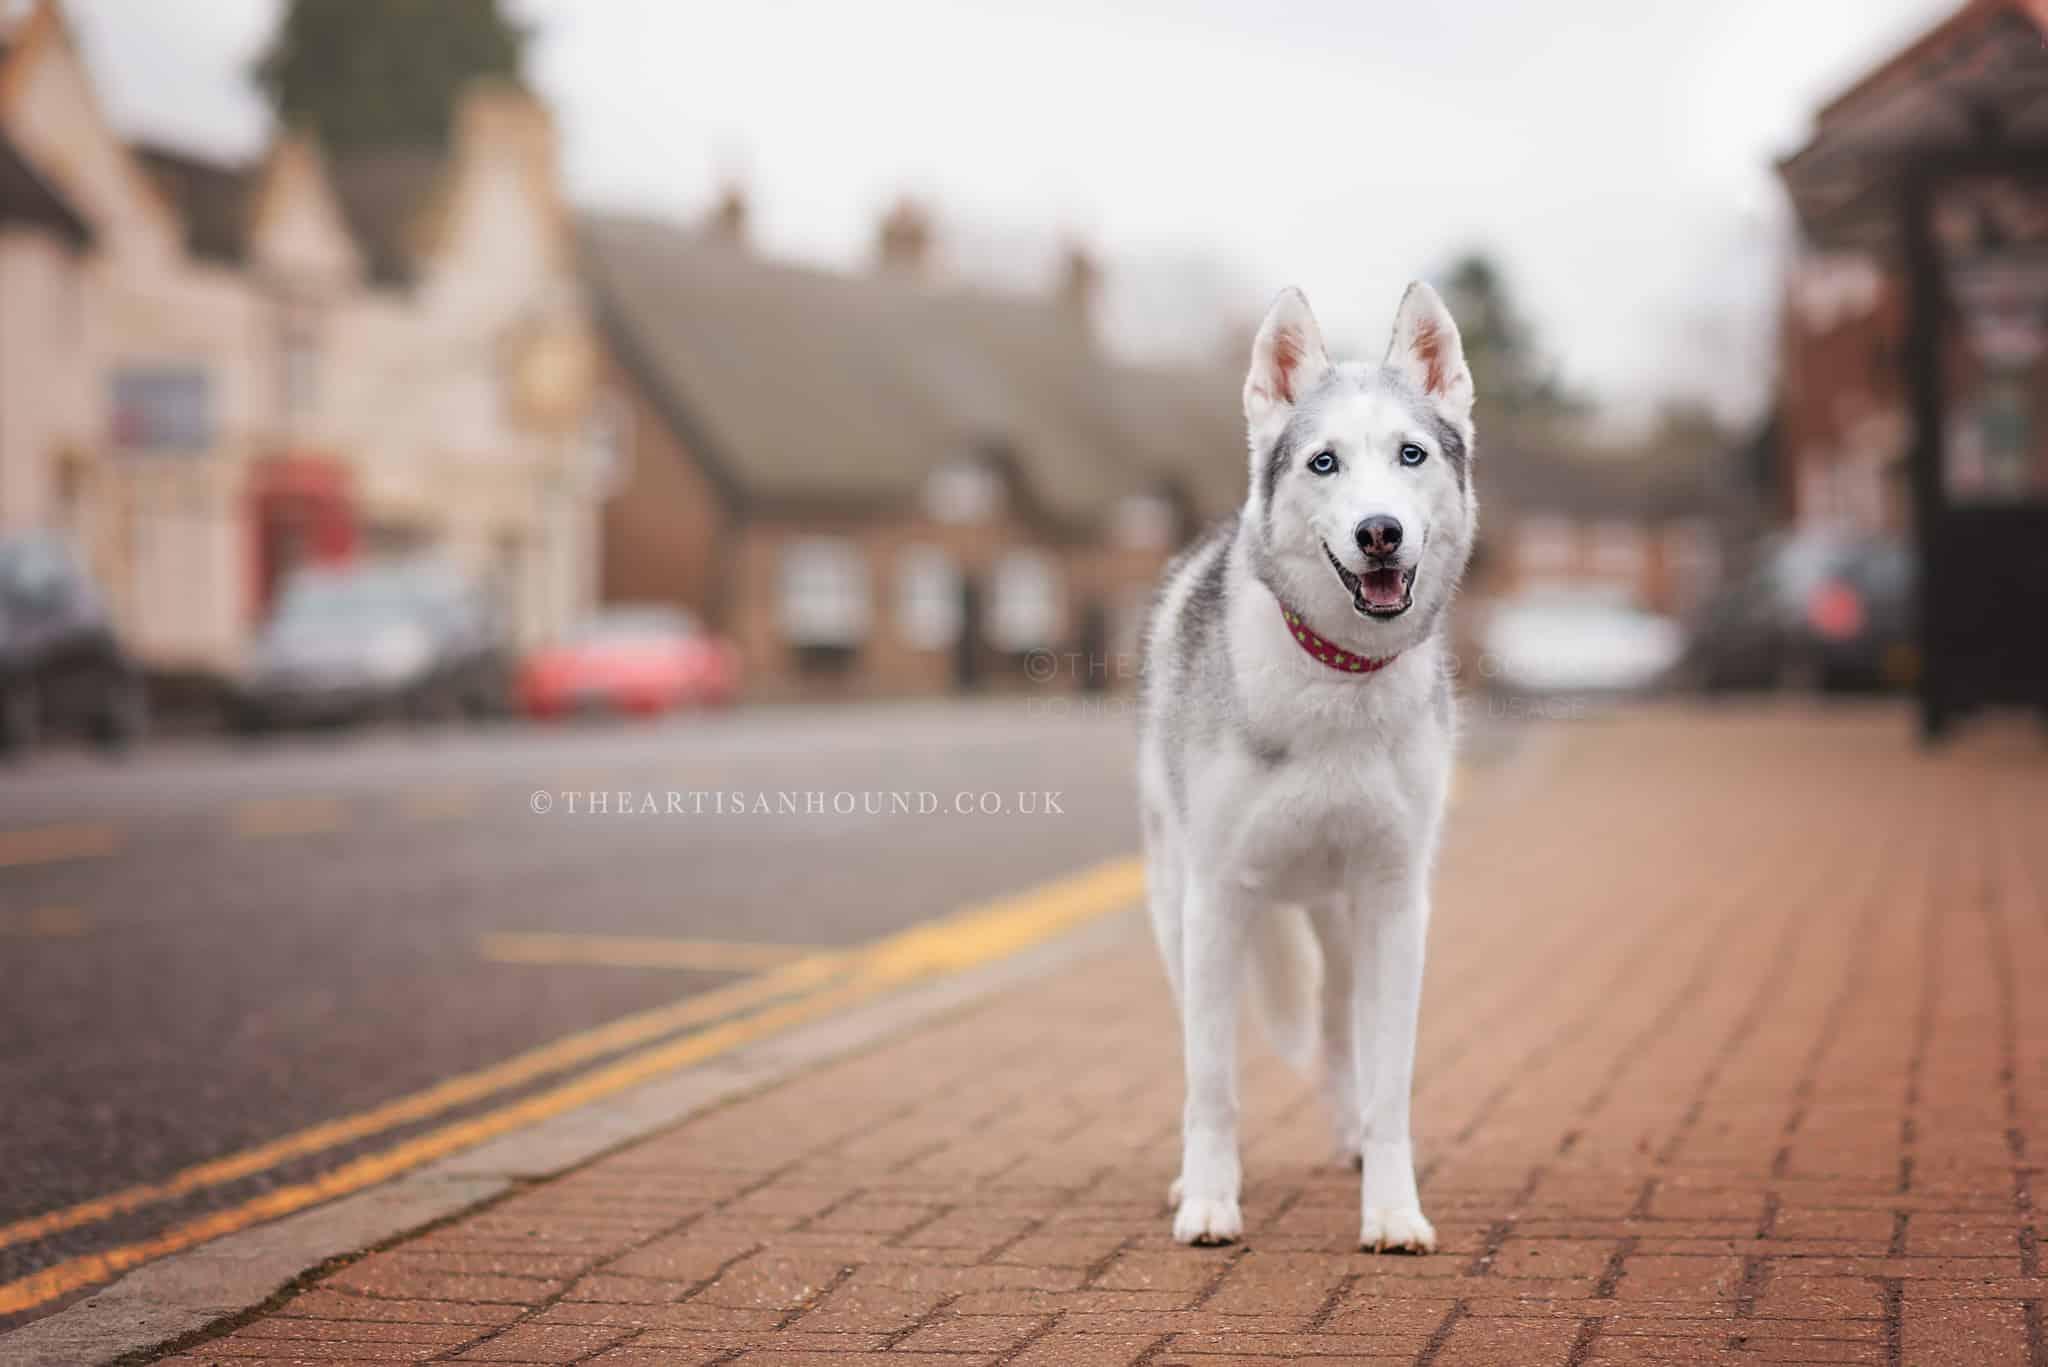 dog-standing-in-village-street